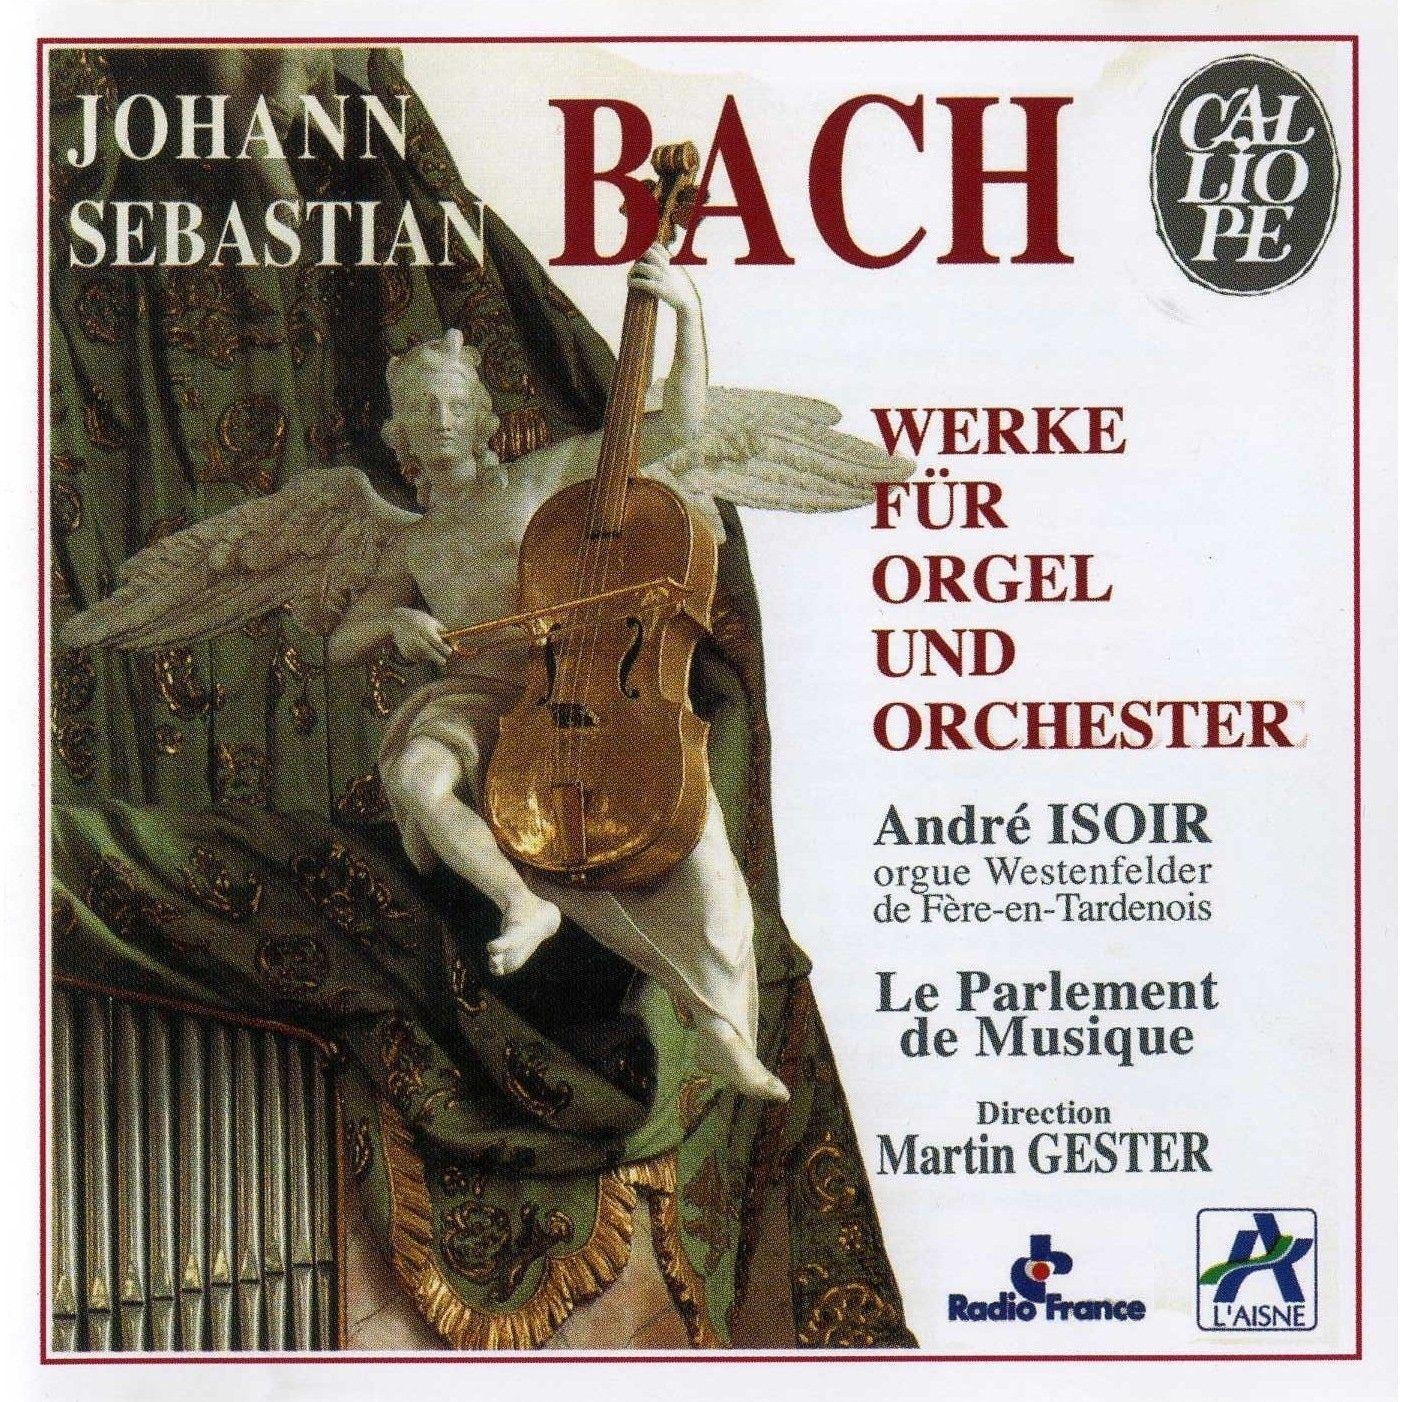 Cosa stiamo ascoltando in questo momento - Pagina 7 Bach-works-for-organ-and-orchestra-isoir-gester-le-parlement-de-musique-cover